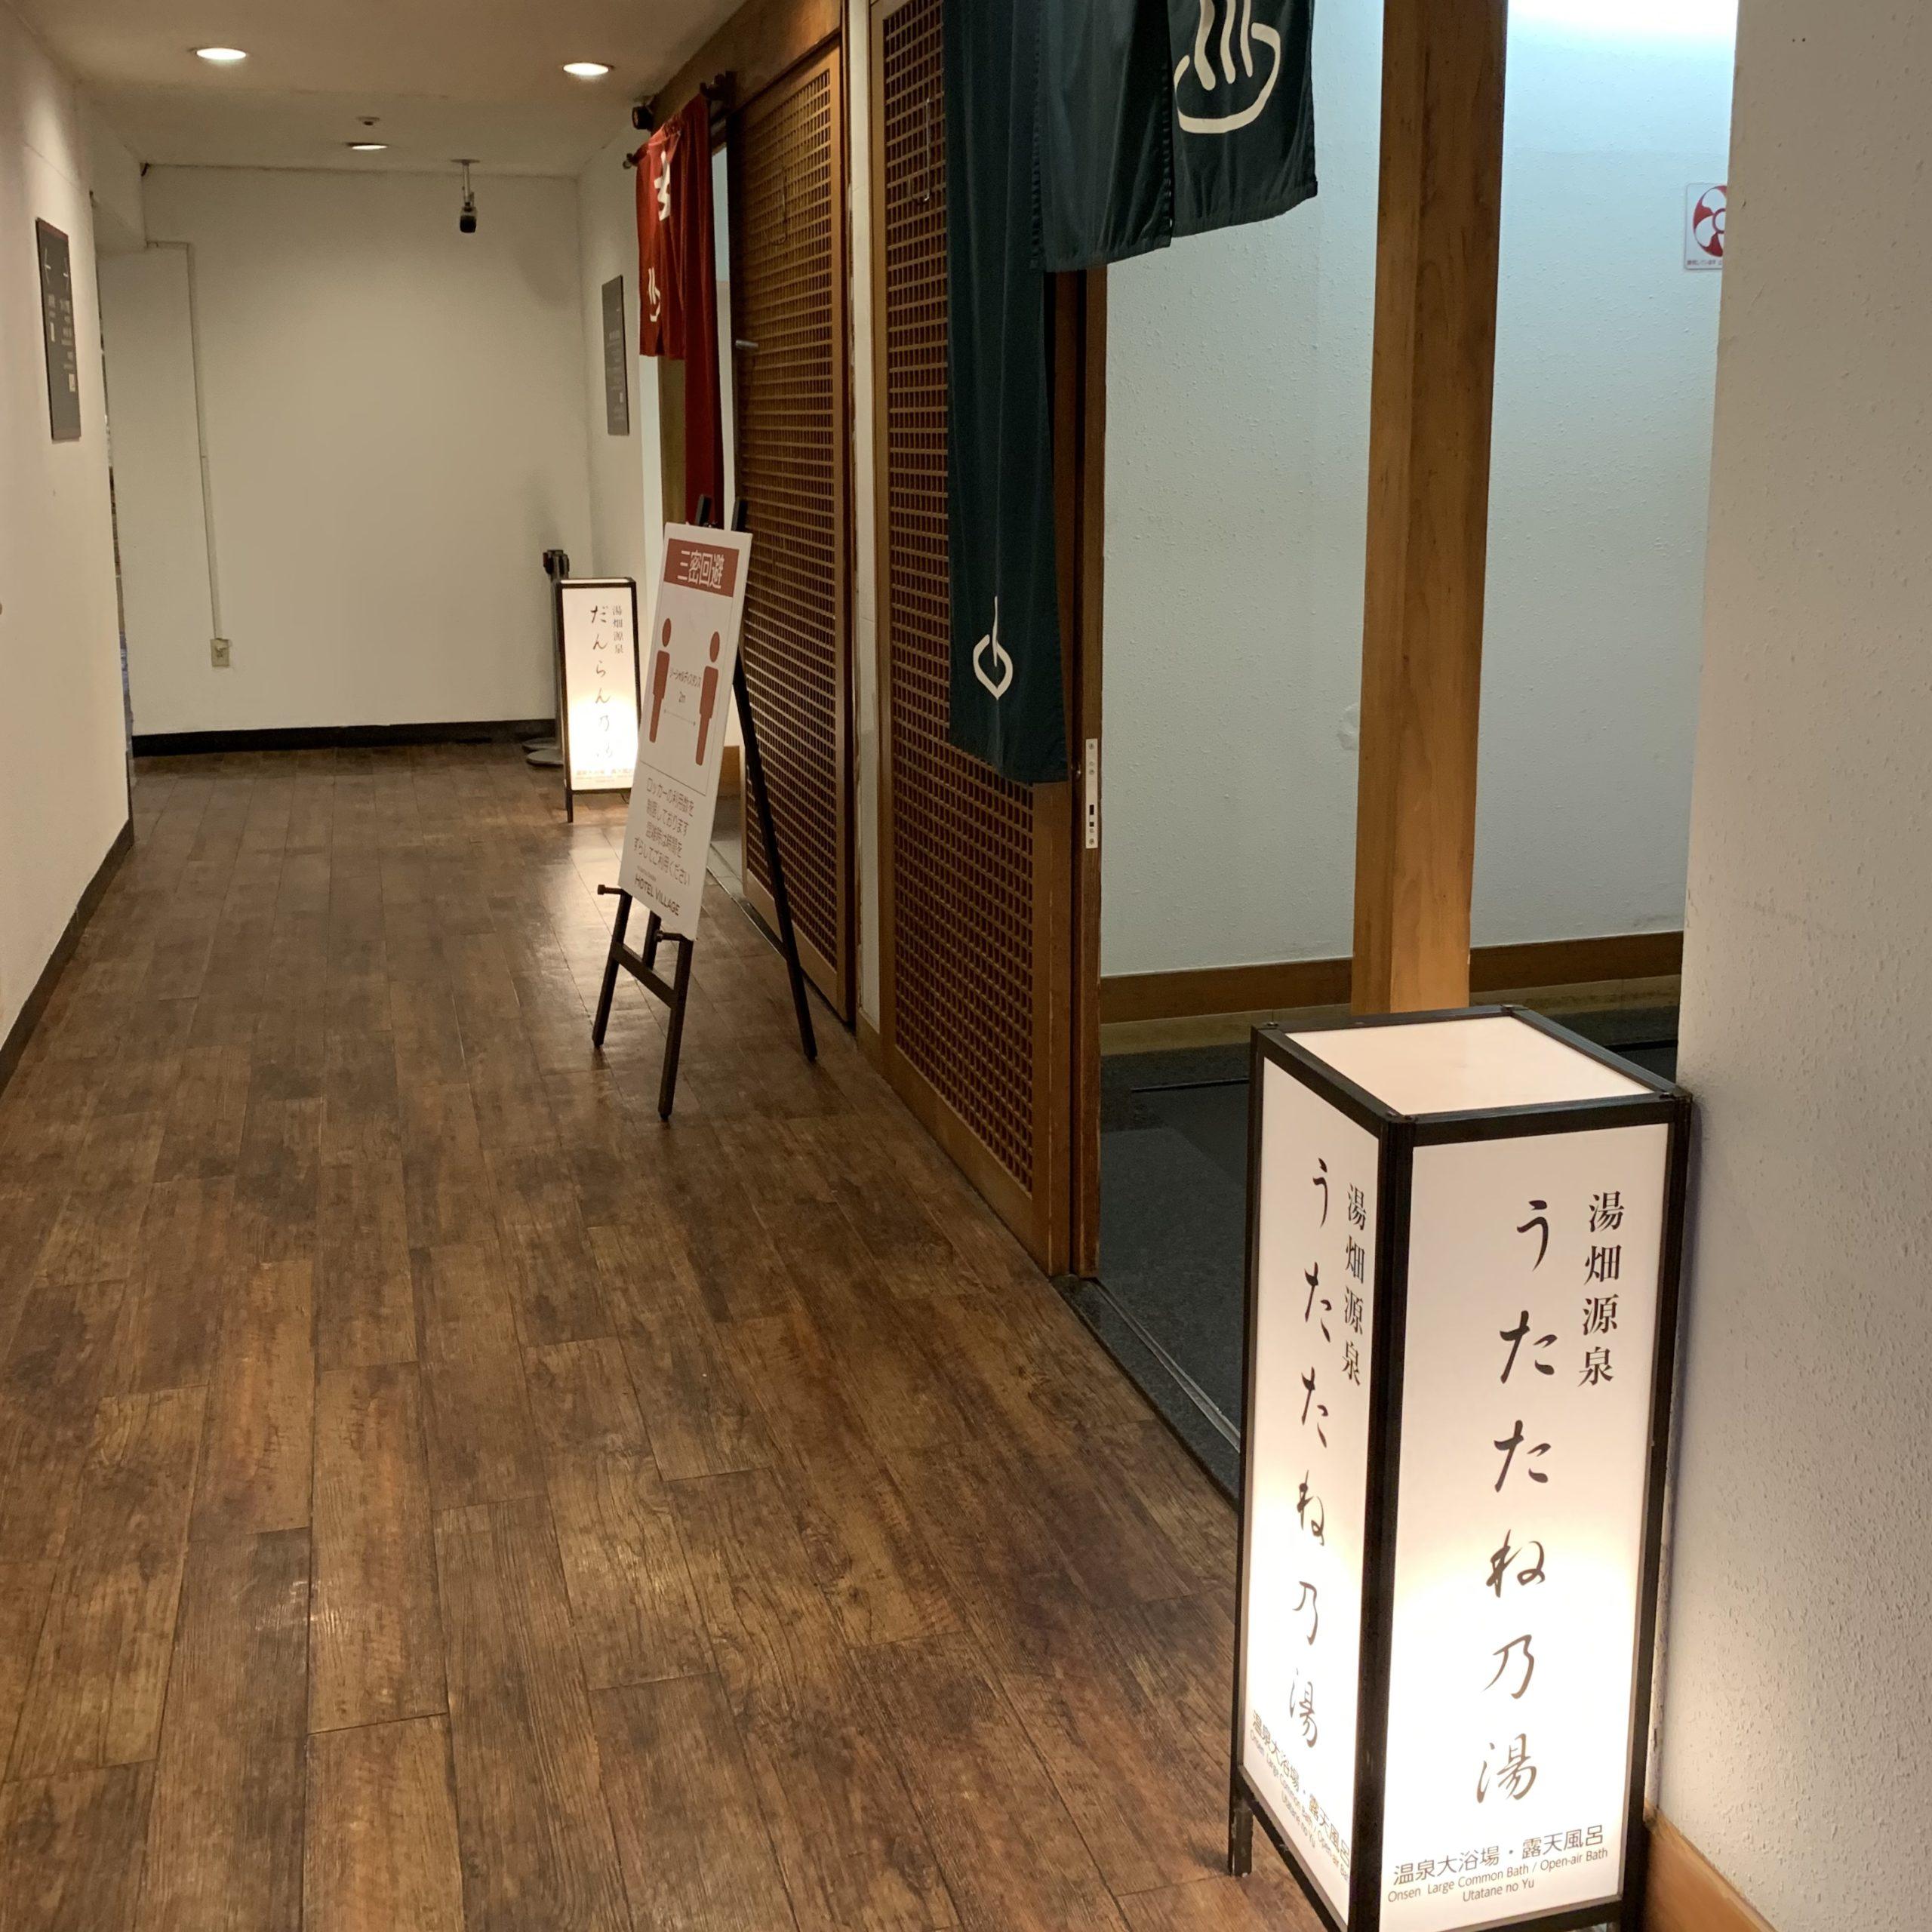 草津温泉ホテルヴィレッジの浴場入口